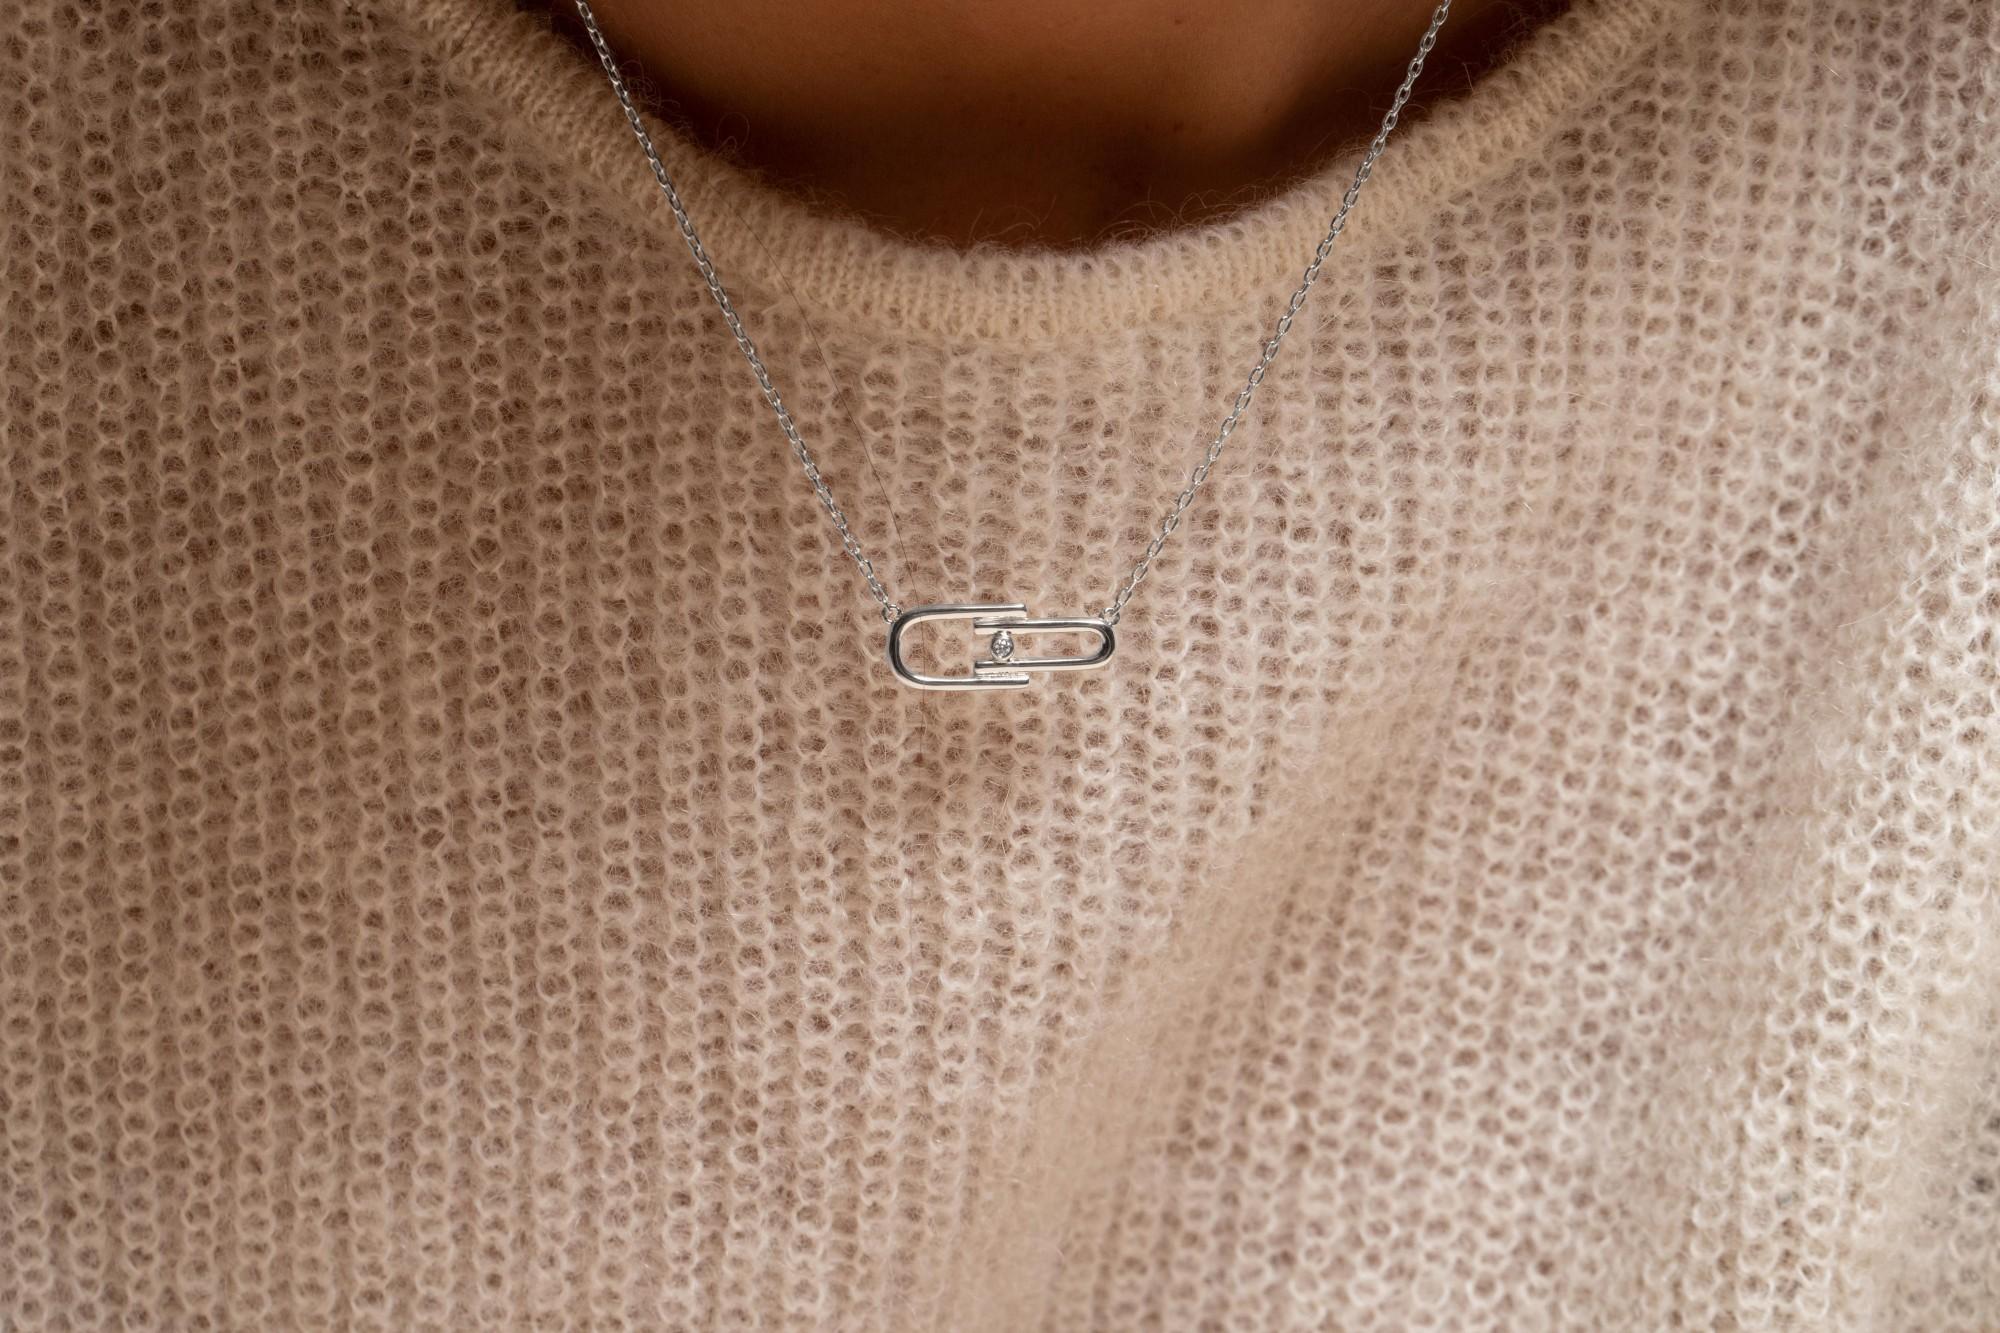 Collier argent 925 millièmes rhodié Femme La Garçonne Diamant